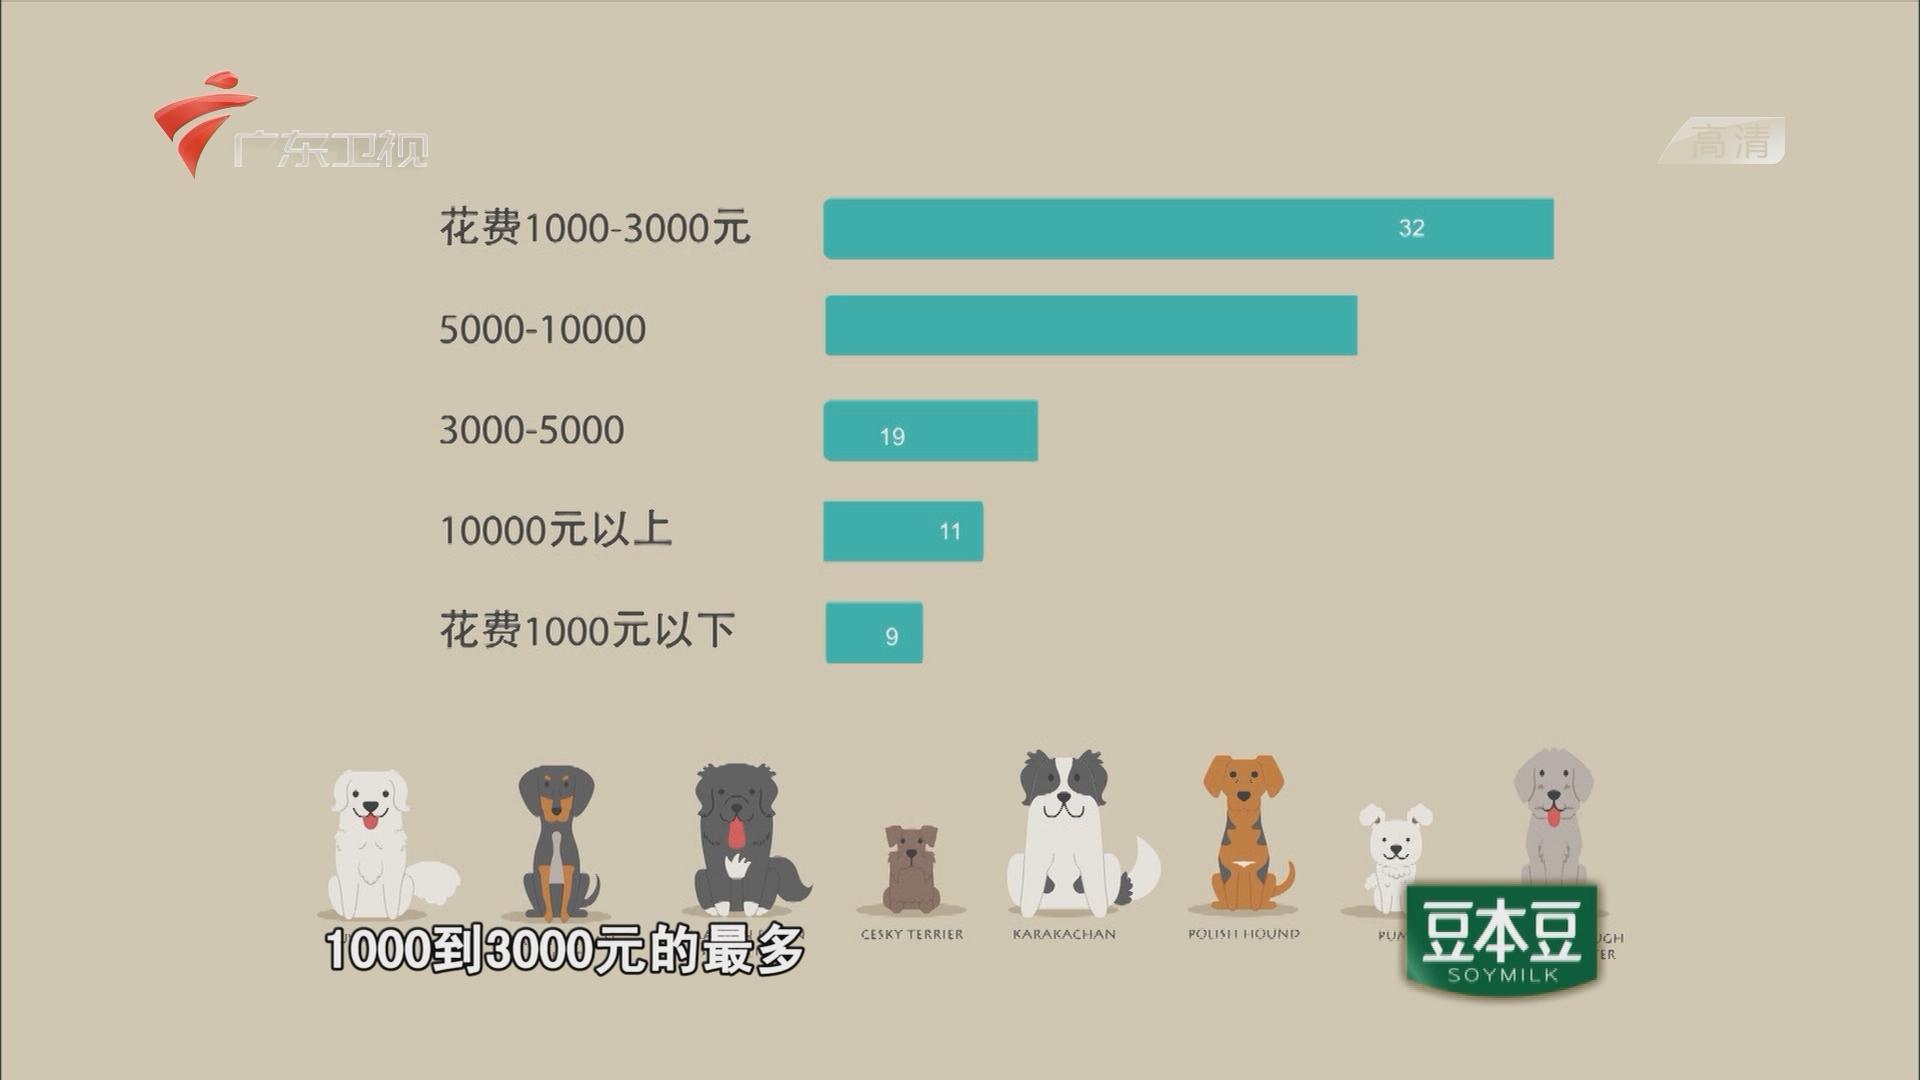 宠物的花销数据